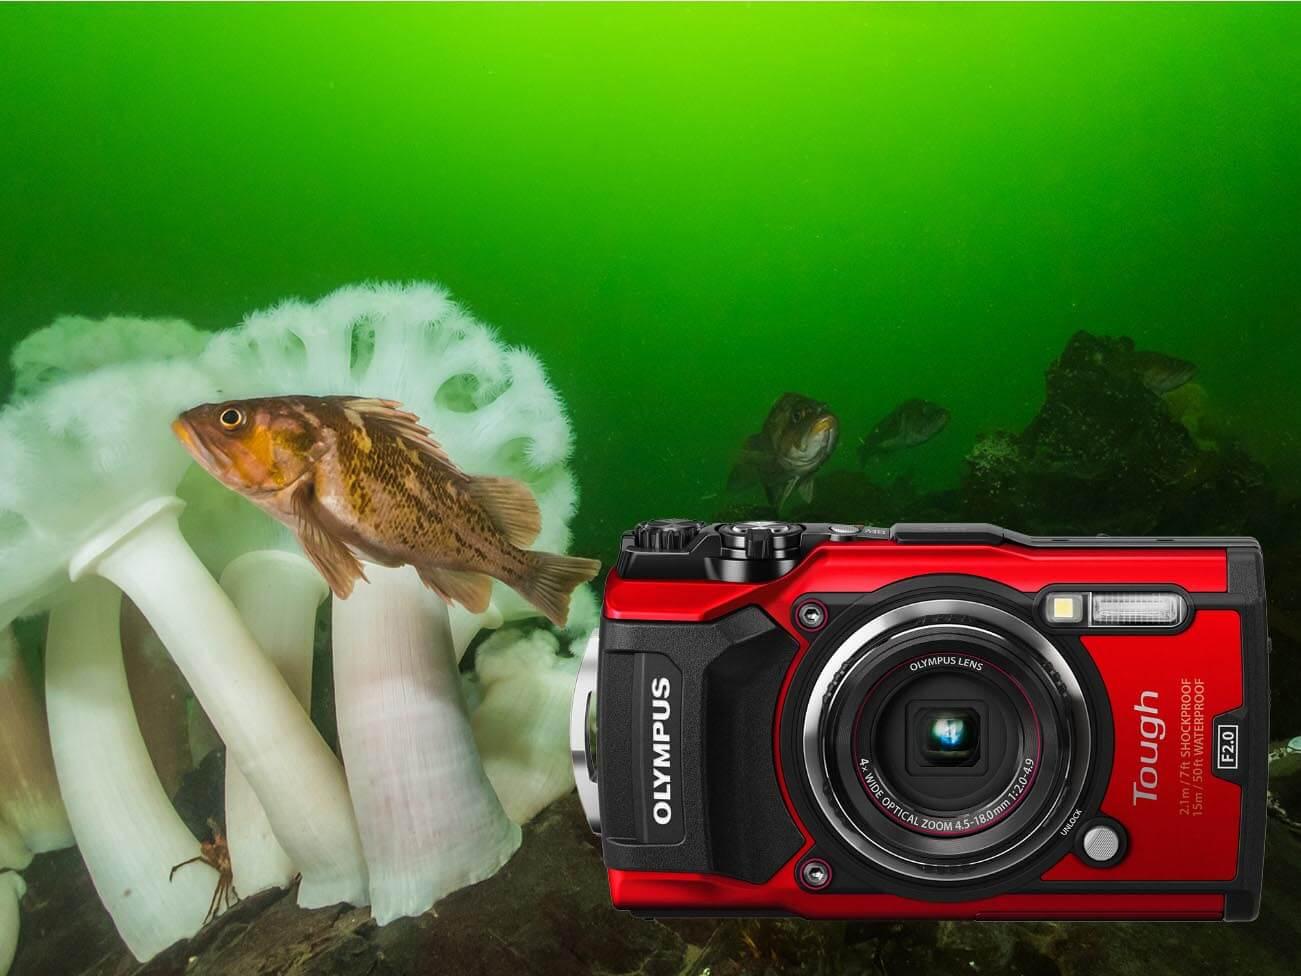 Underwater modes